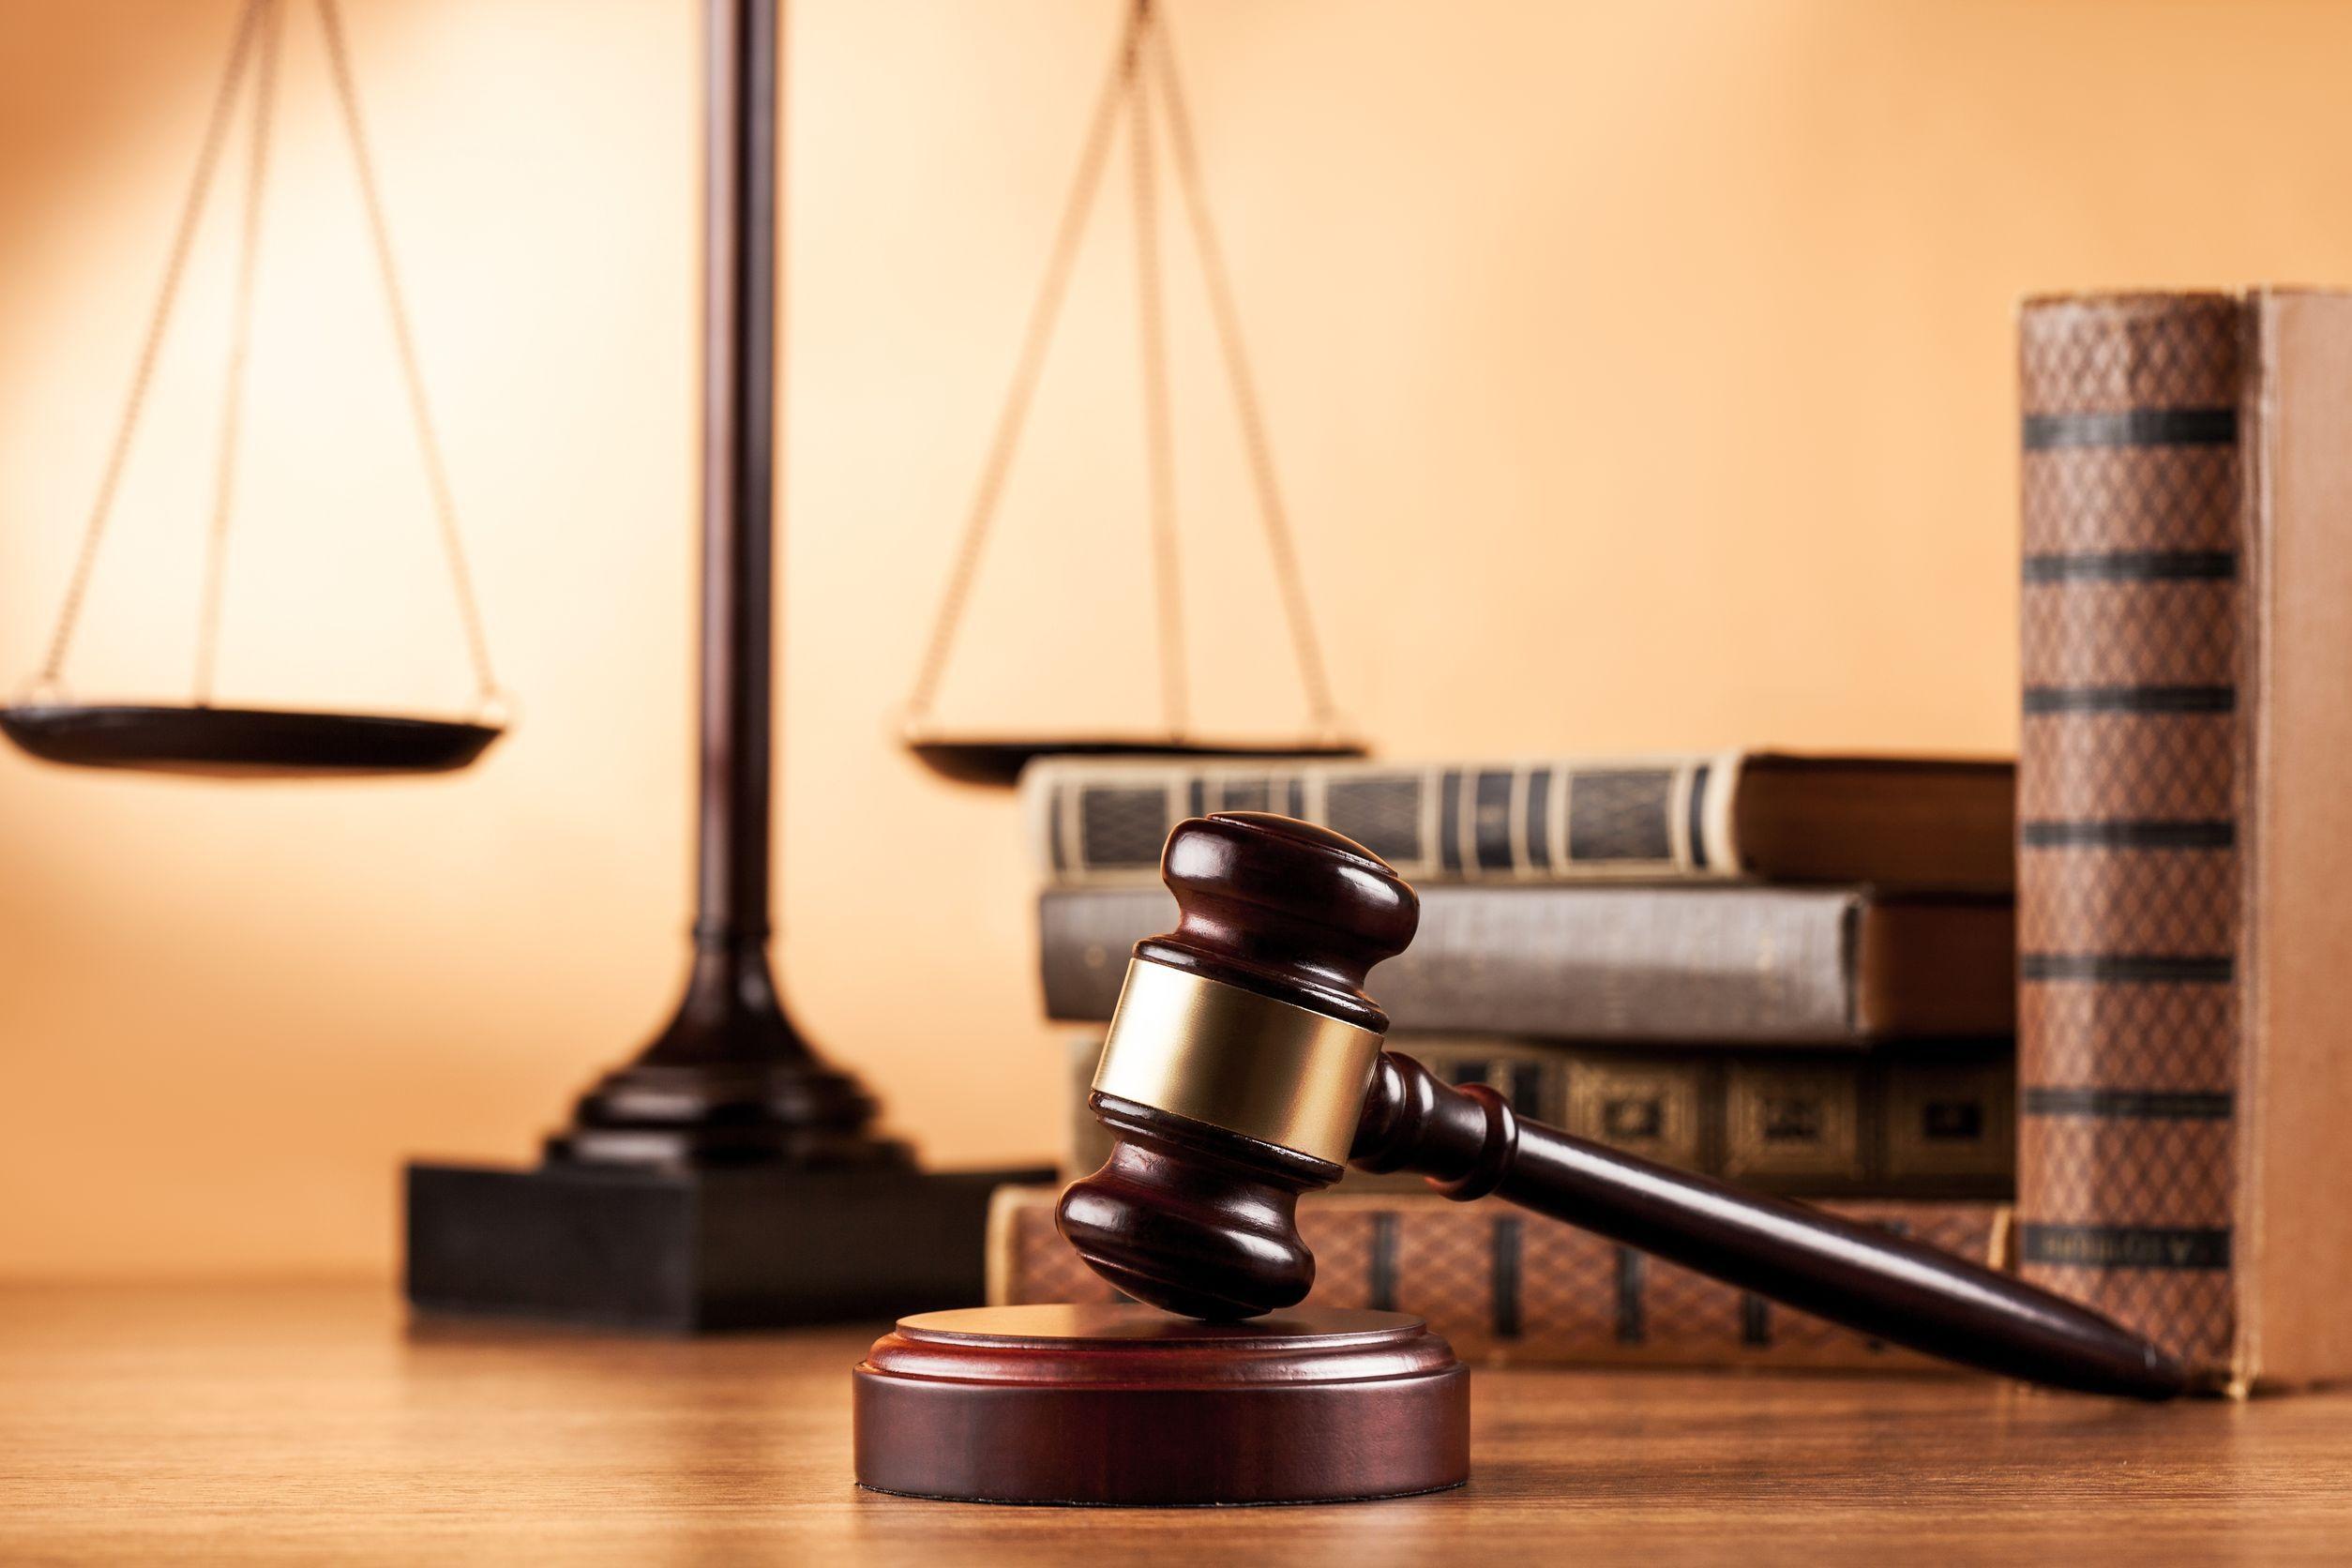 TENSIUNI între vicepreşedintele CSM şi Inspecţia Judiciară/ Inspecţia: Decredibilizează instituţia şi distorsionează realitatea